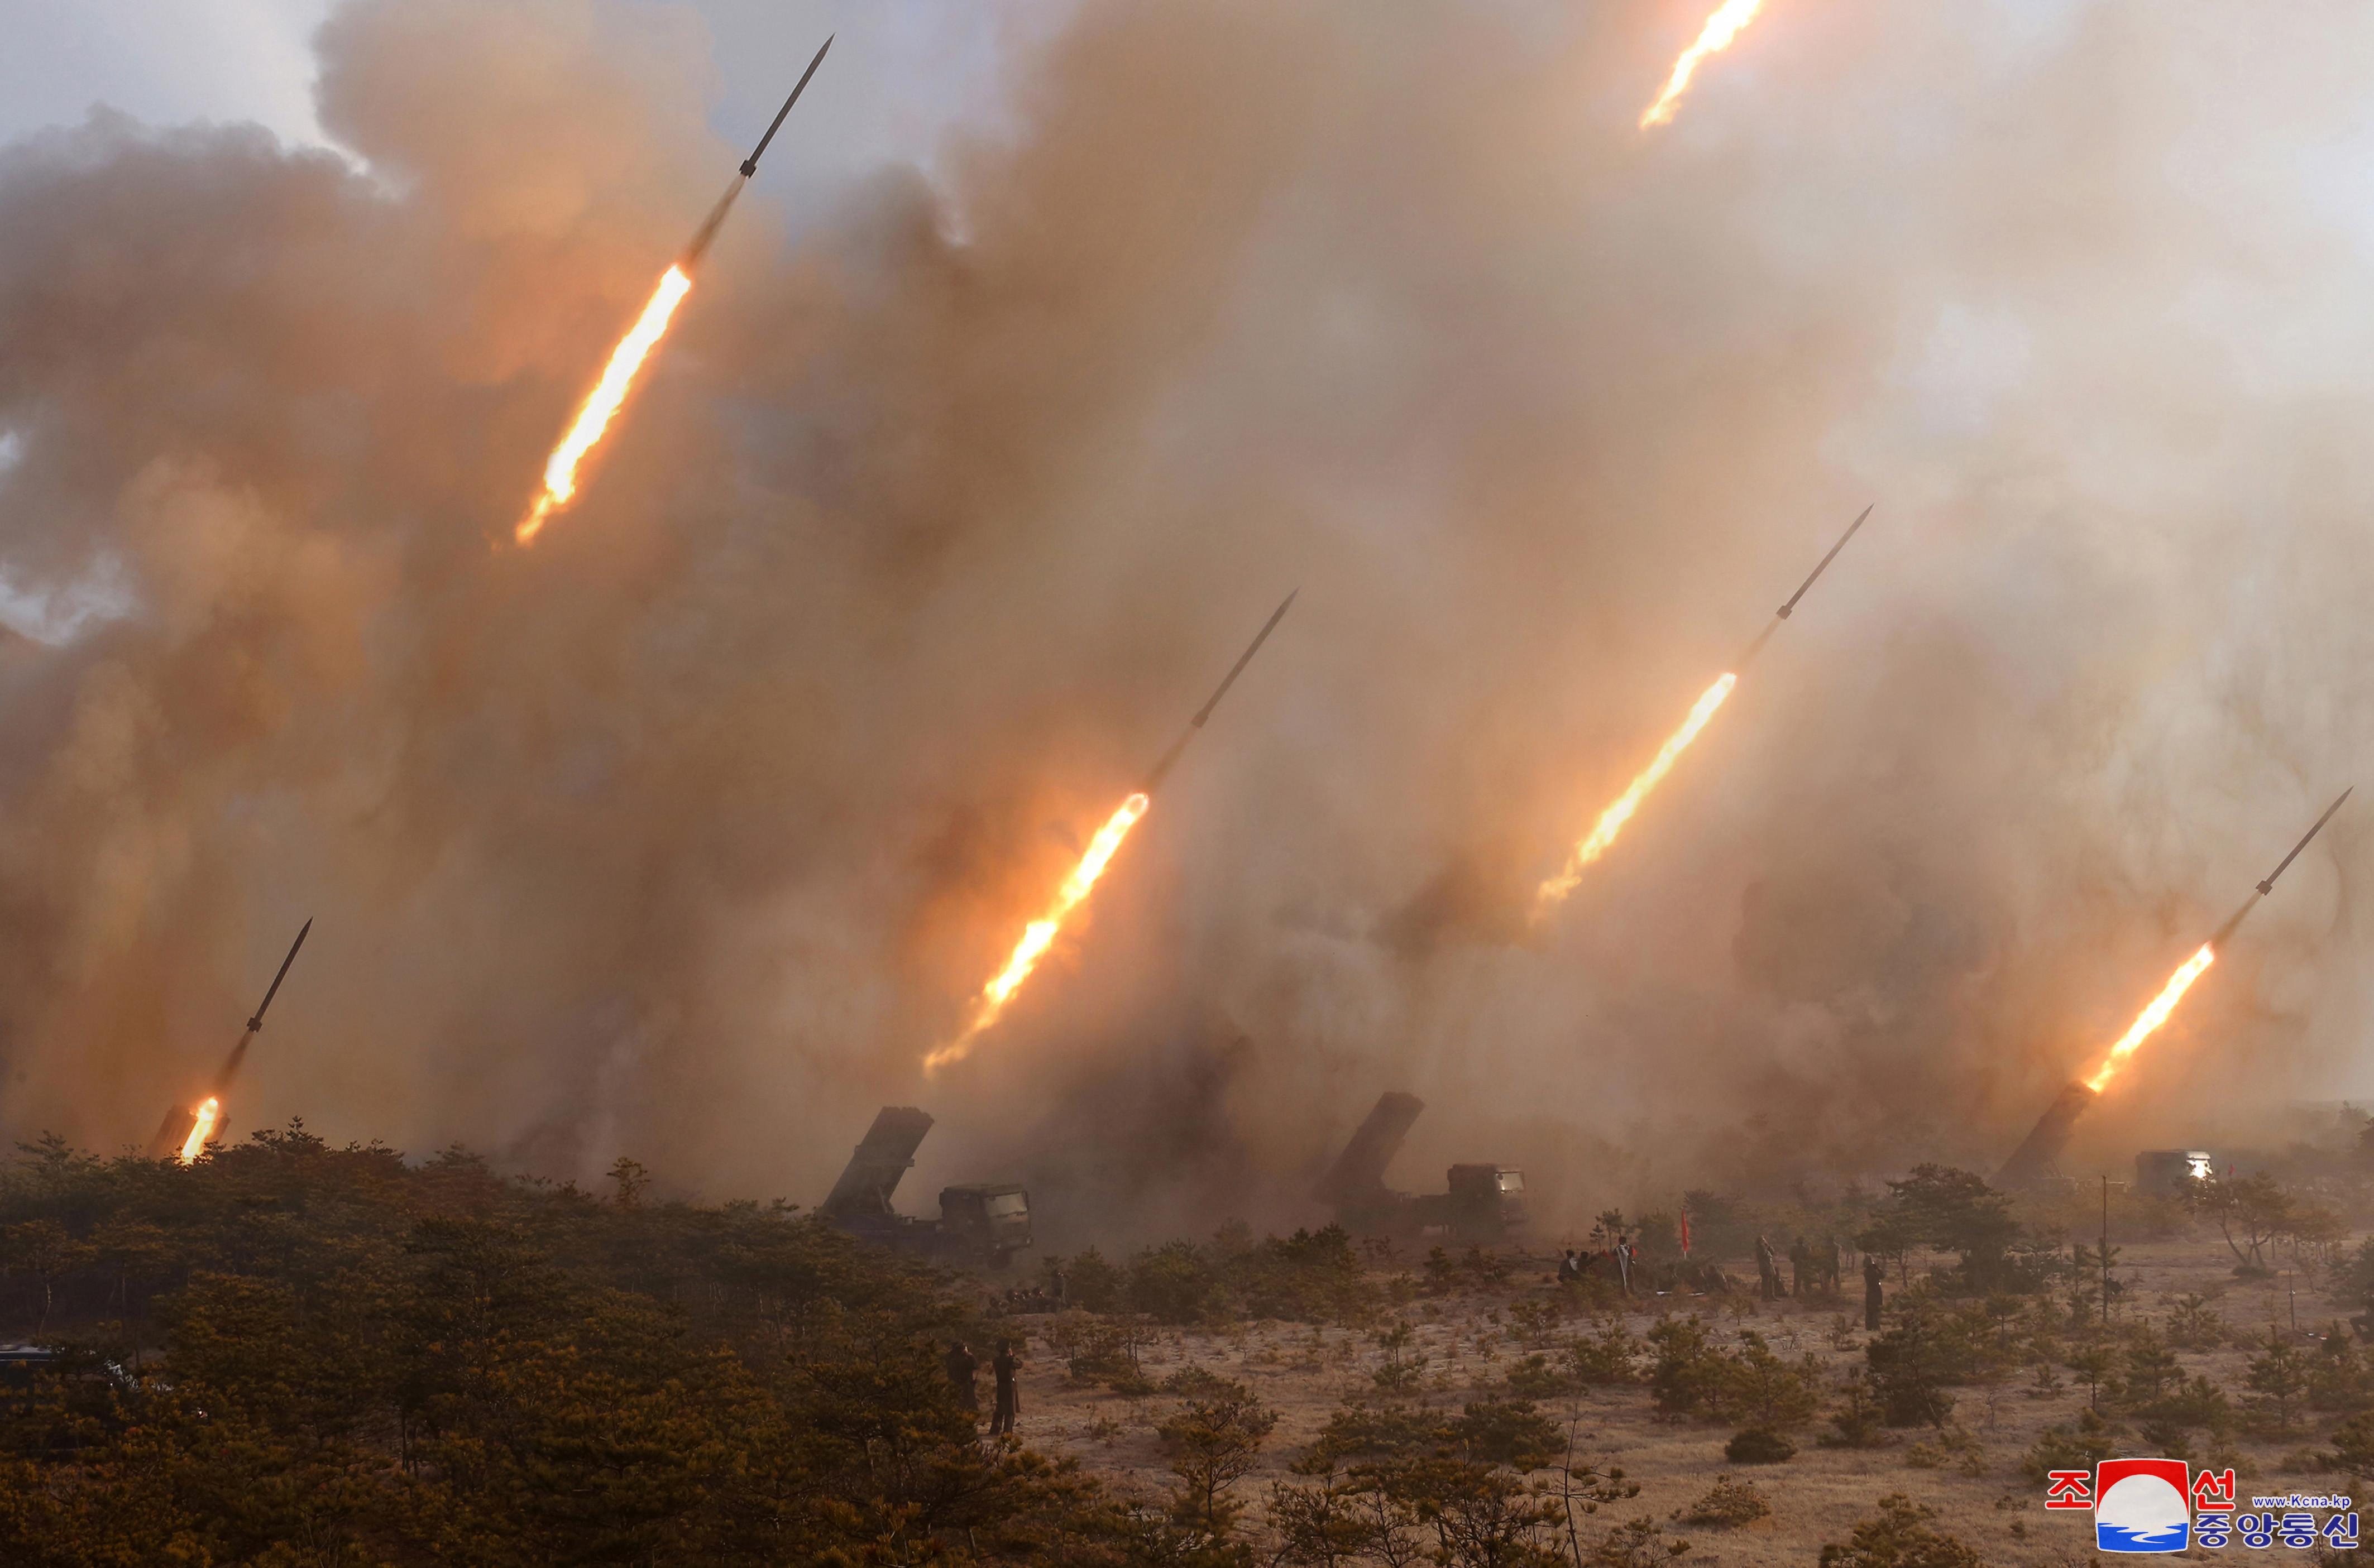 ▲▼北韓表示,若南韓持續進行軍事挑釁危及朝鮮半島和平,將迎來悲慘結局。(圖/達志影像)